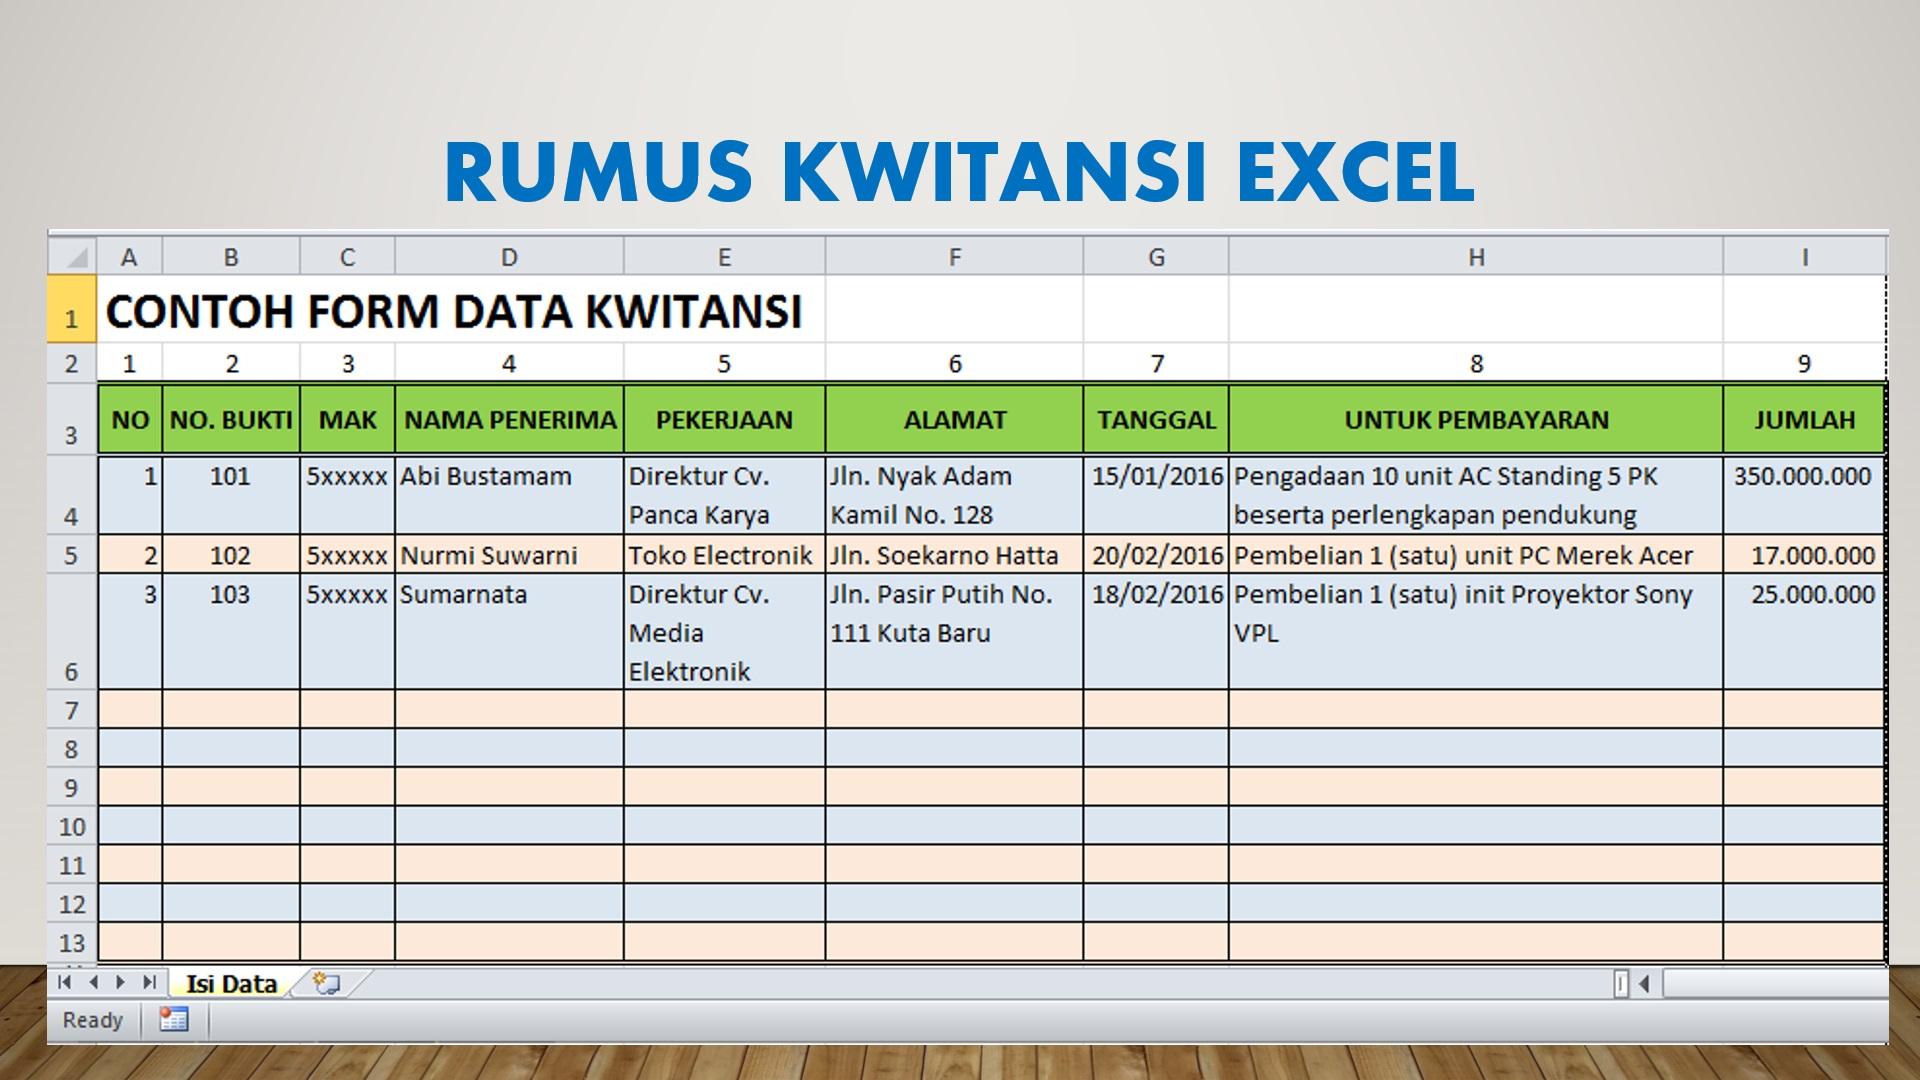 Cara Membuat Rumus Kwitansi Excel